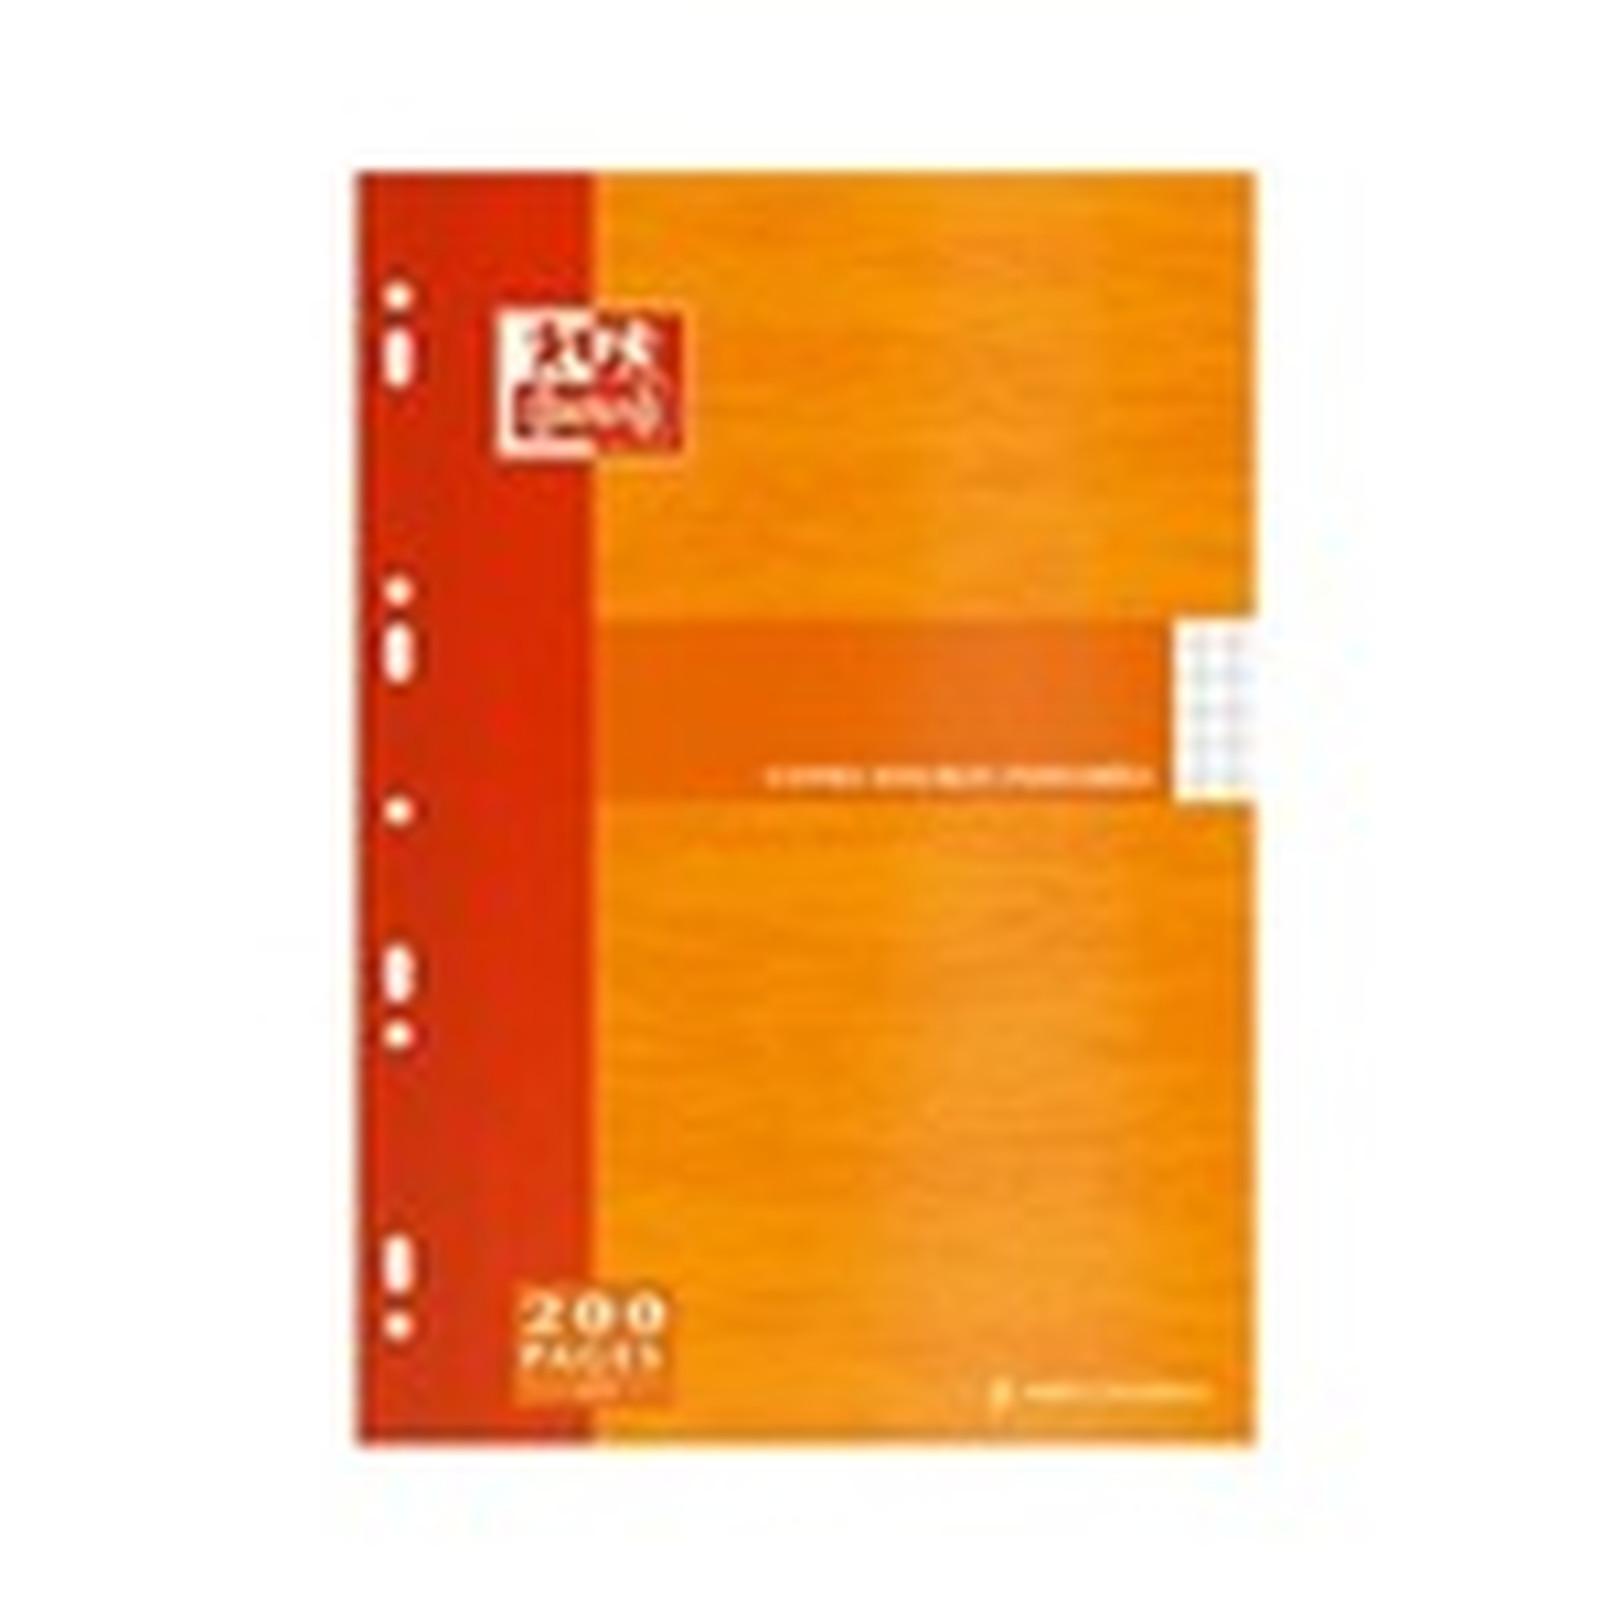 Clairefontaine Copies doubles A4 perforées - étui de 50 feuilles / 200 pages blanc 90g